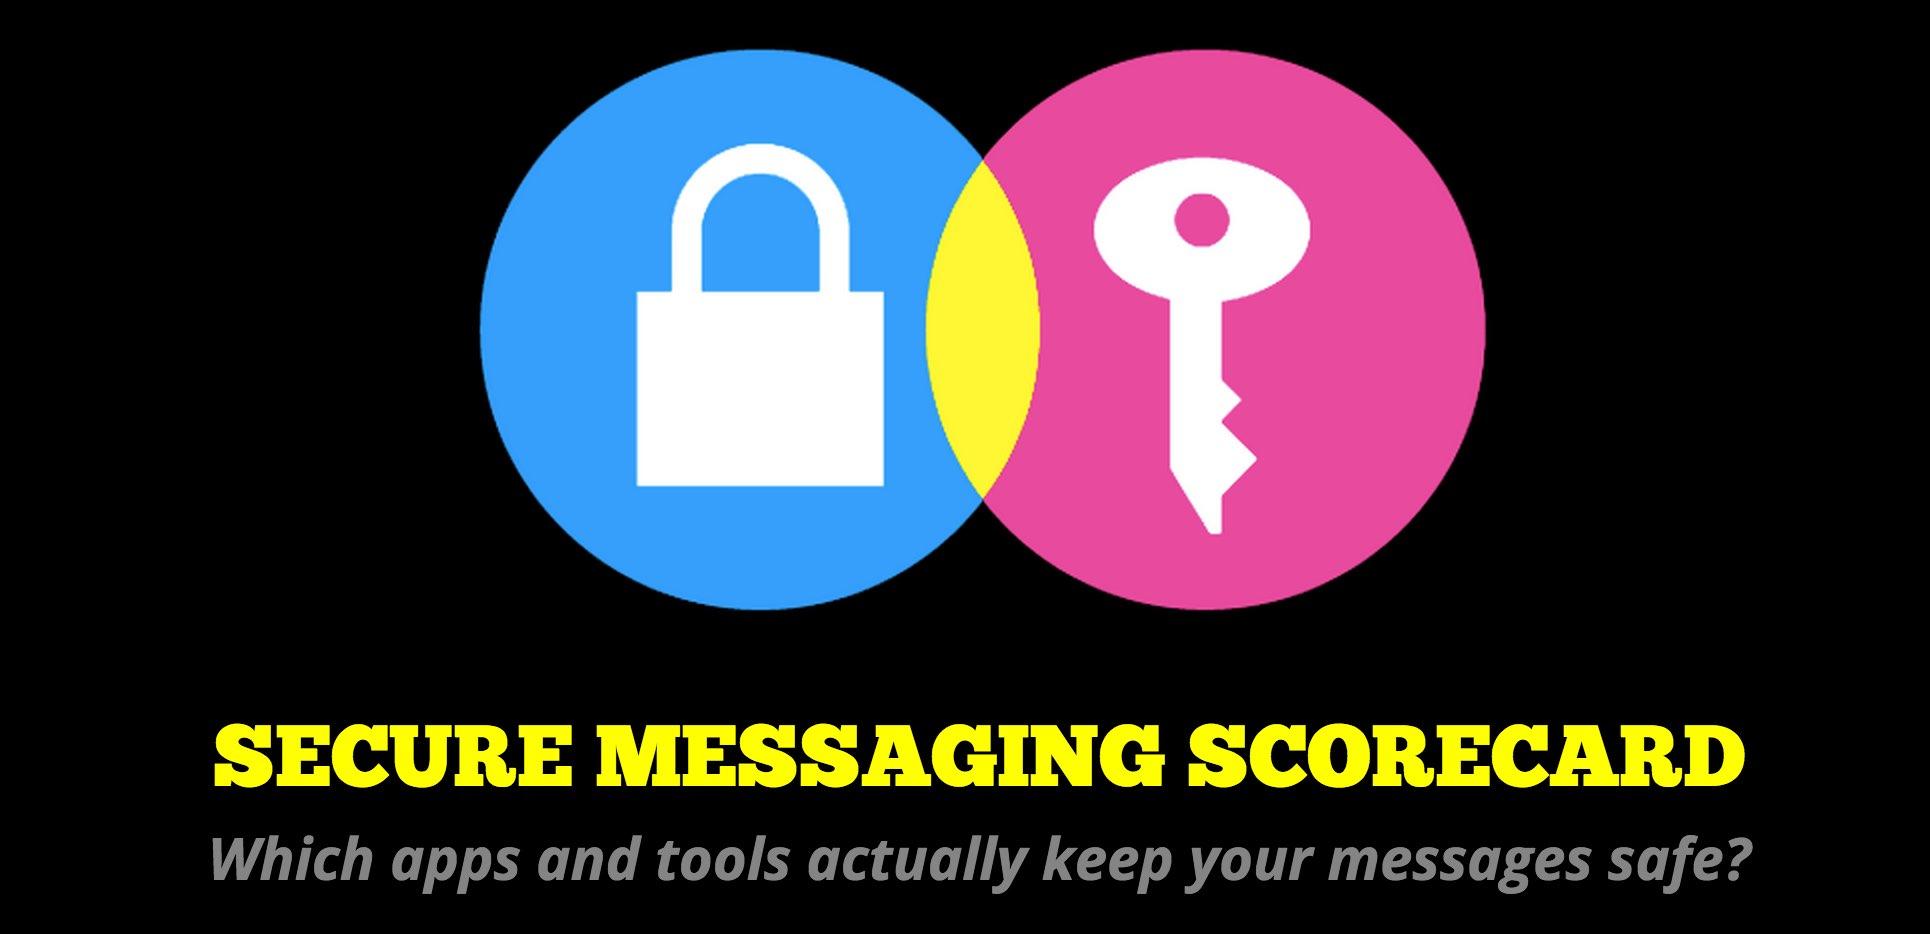 Messenger Sicherheit: iMessage & Facetime gut, WhatsApp & Facebook mangelhaft 7